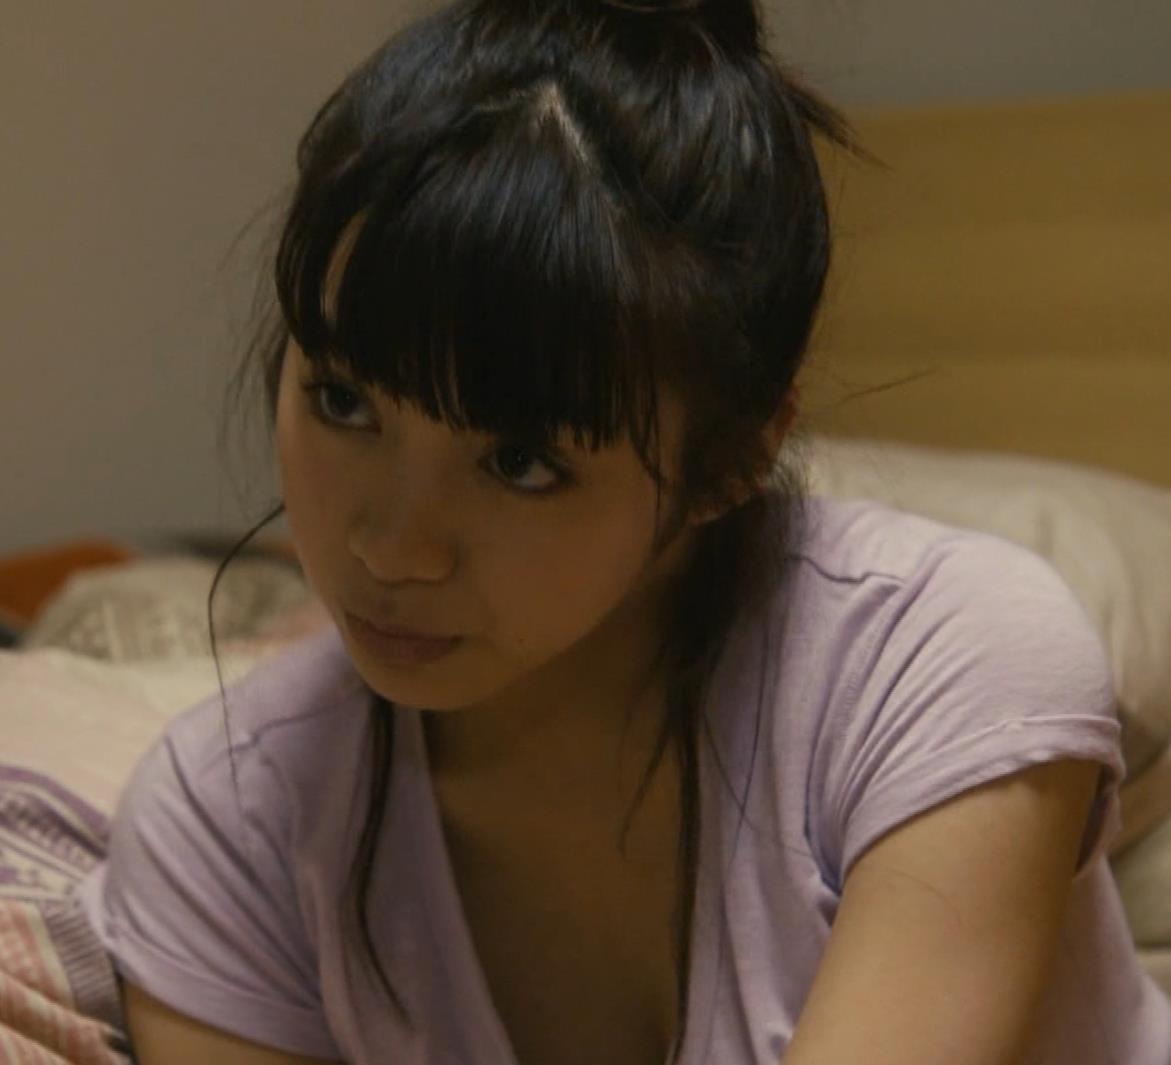 池田エライザ 胸ちら画像9